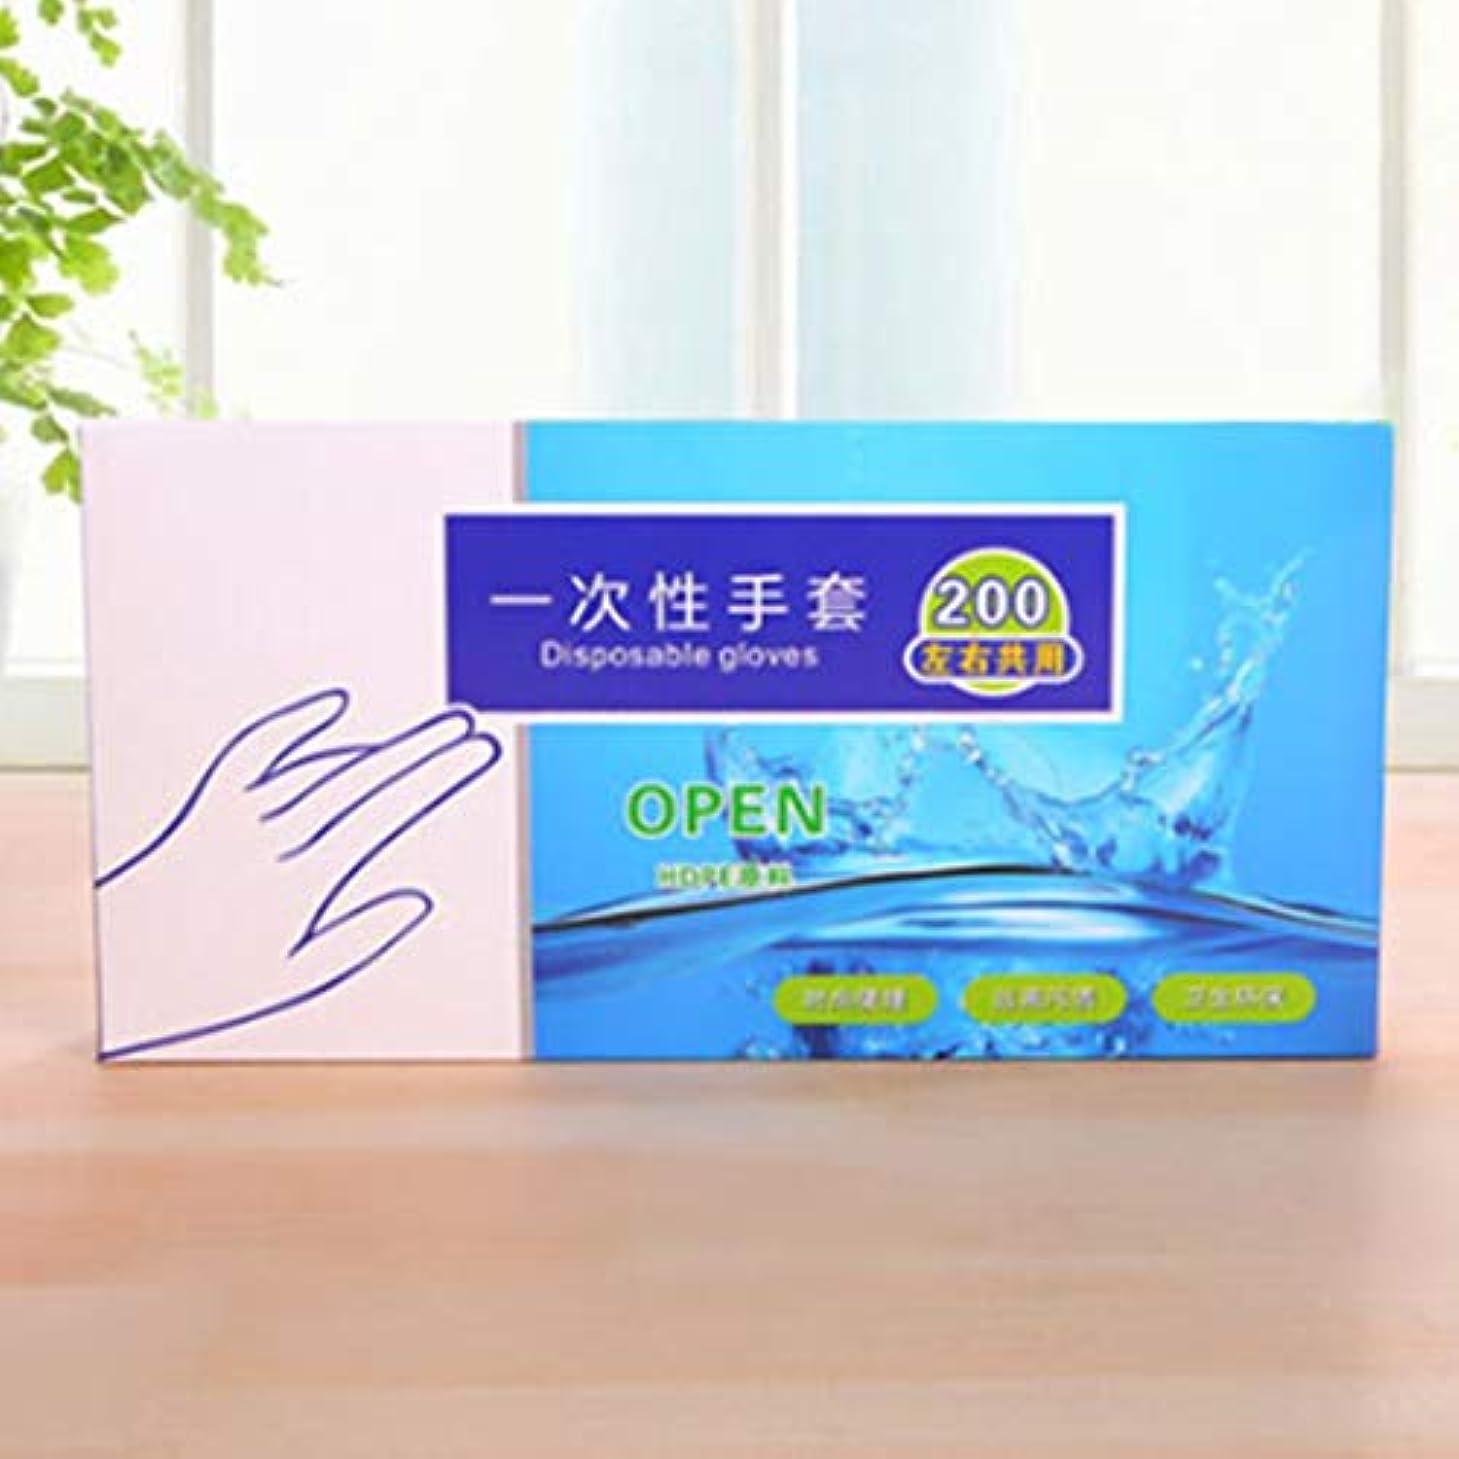 開示する精算チャンバーSODAOA屋 使い捨て手袋 透明 実用 衛生 プラスチック 調理 お掃除 毛染め 100枚/200枚 (200)